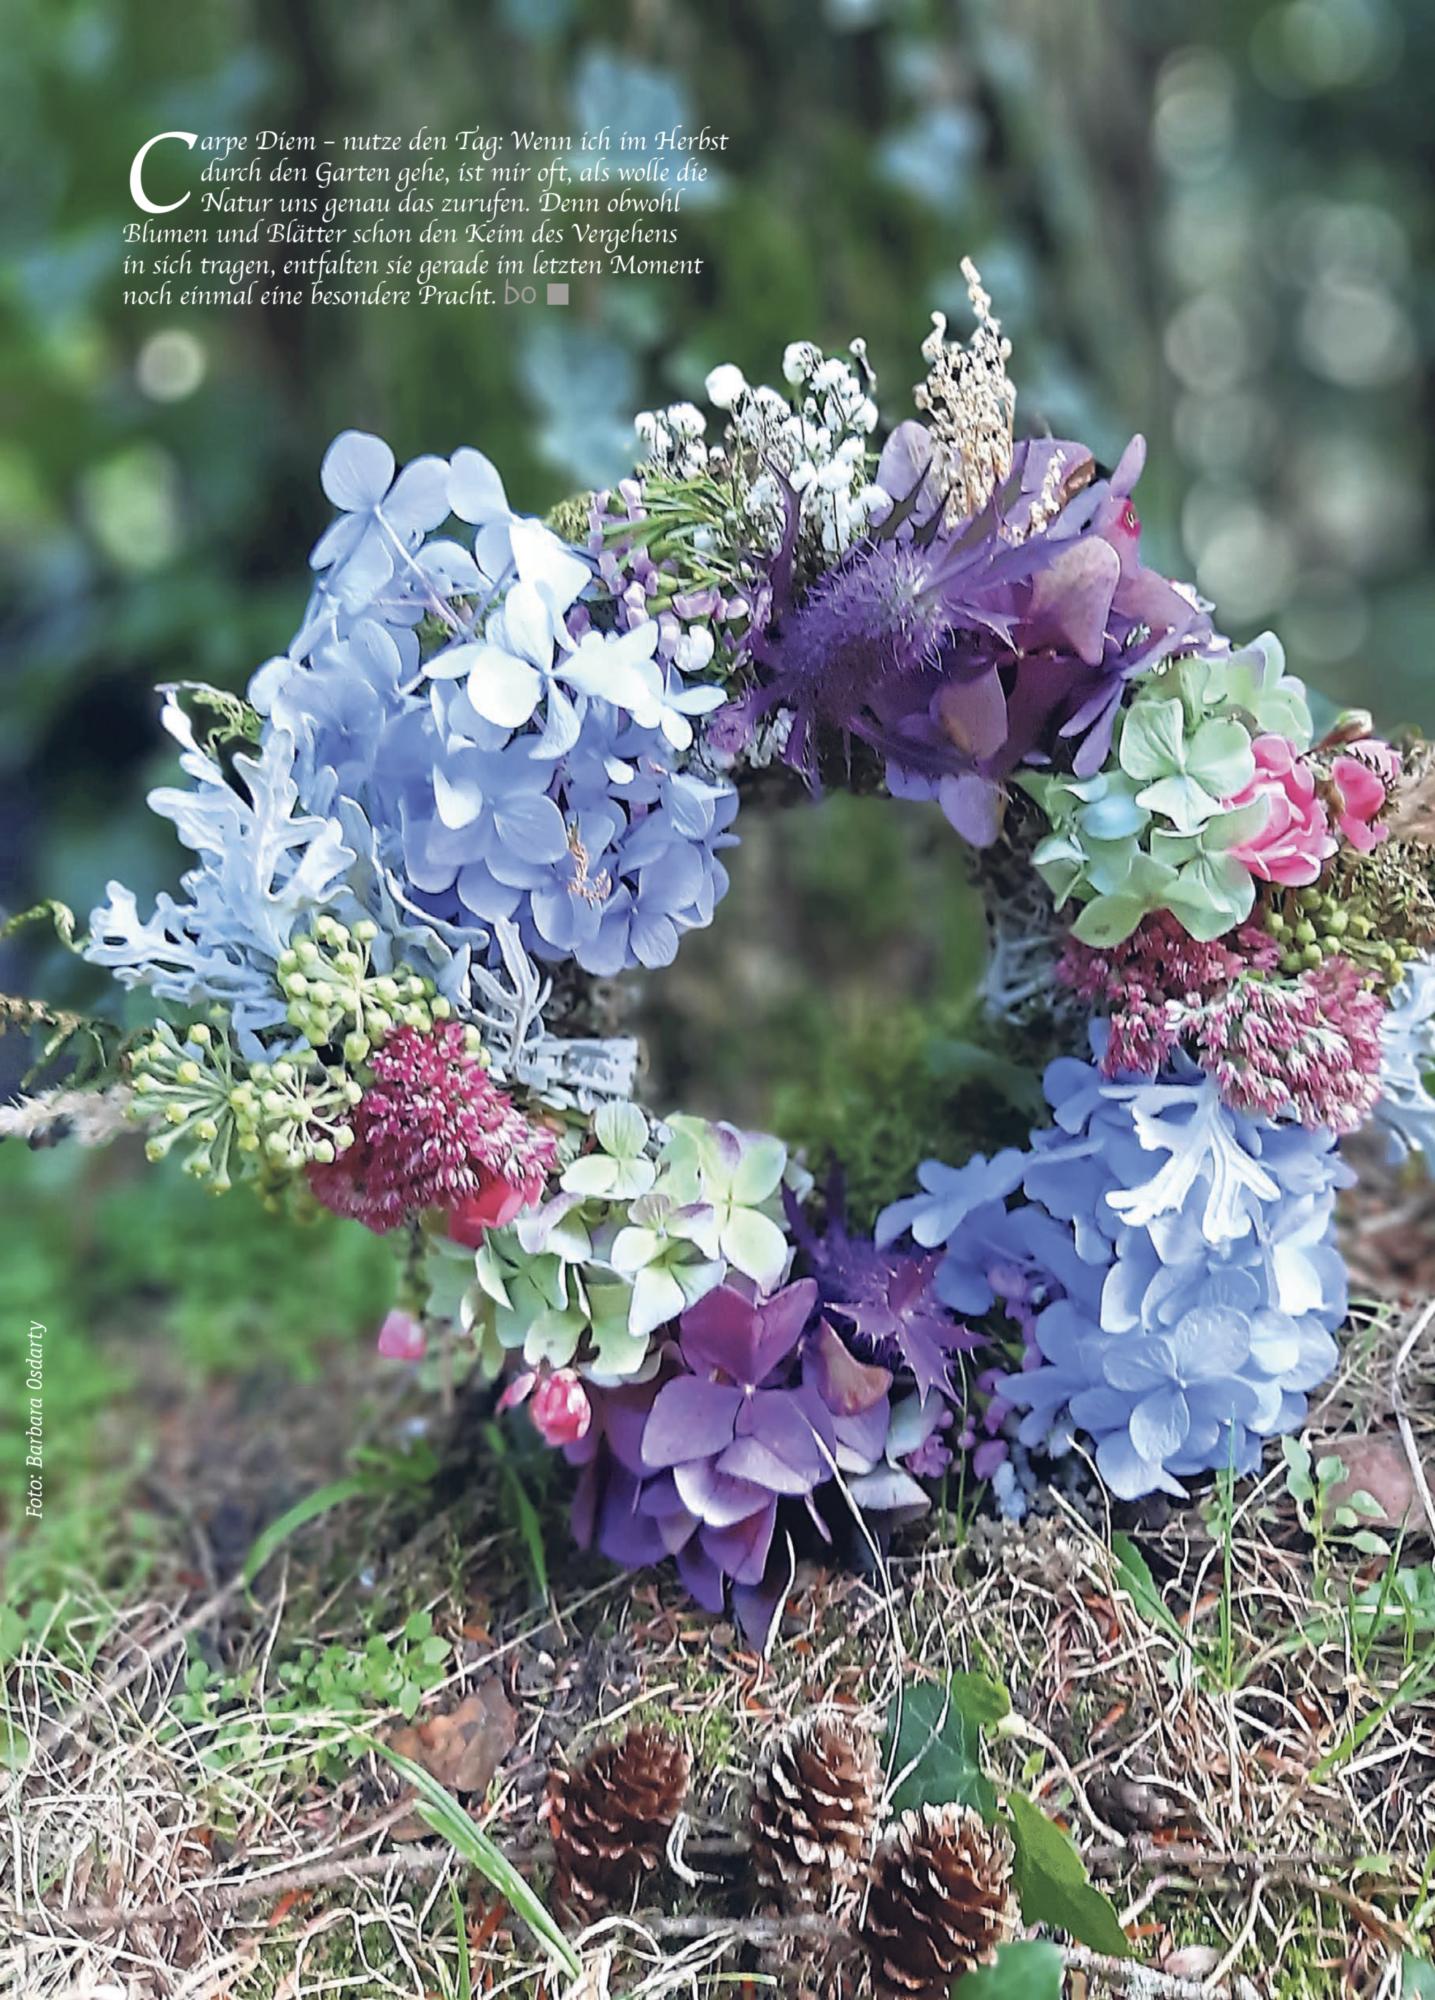 Rückseite Blumenkranz